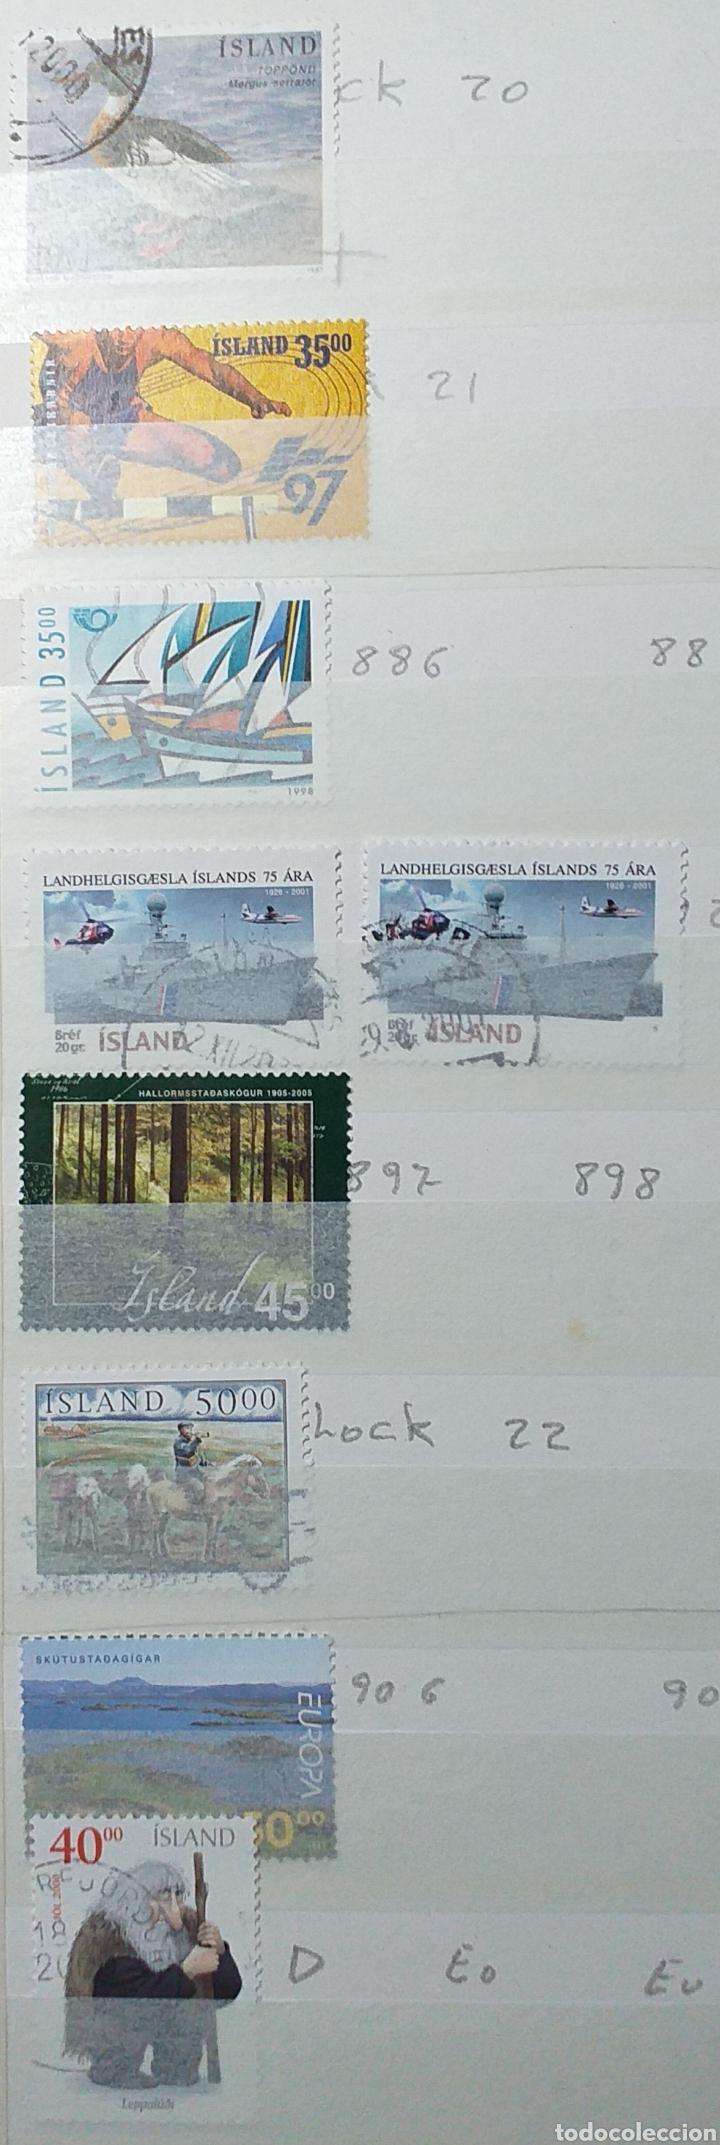 Sellos: Colección de sellos de Islandia muy completa desde el inicio, mucho nuevo, en álbum de 16 páginas - Foto 18 - 200086518